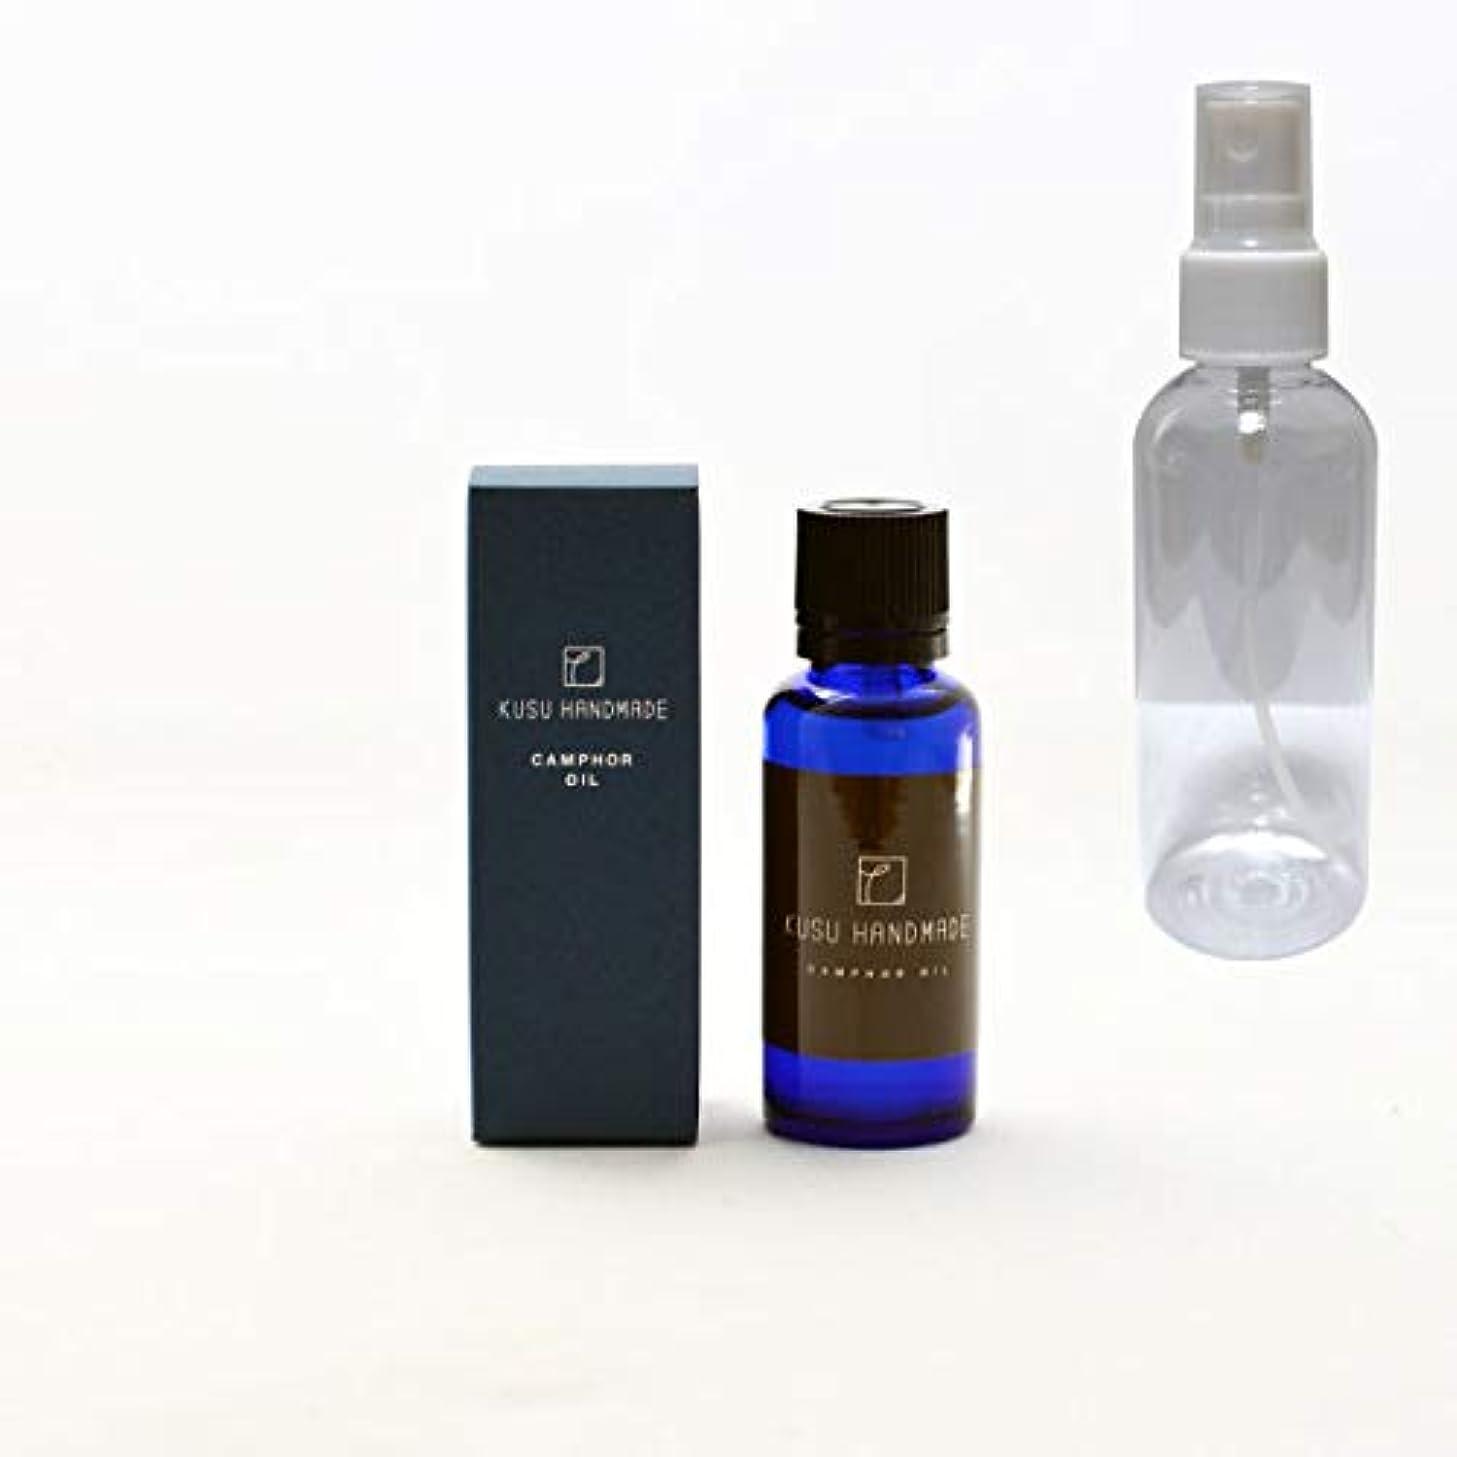 腹部はっきりと対処KUSU HANDMADE カンフルオイル 30ml くすのき油 樟脳油 エッセンシャルオイル アロマバス 虫除け 便利なスプレーボトルセット